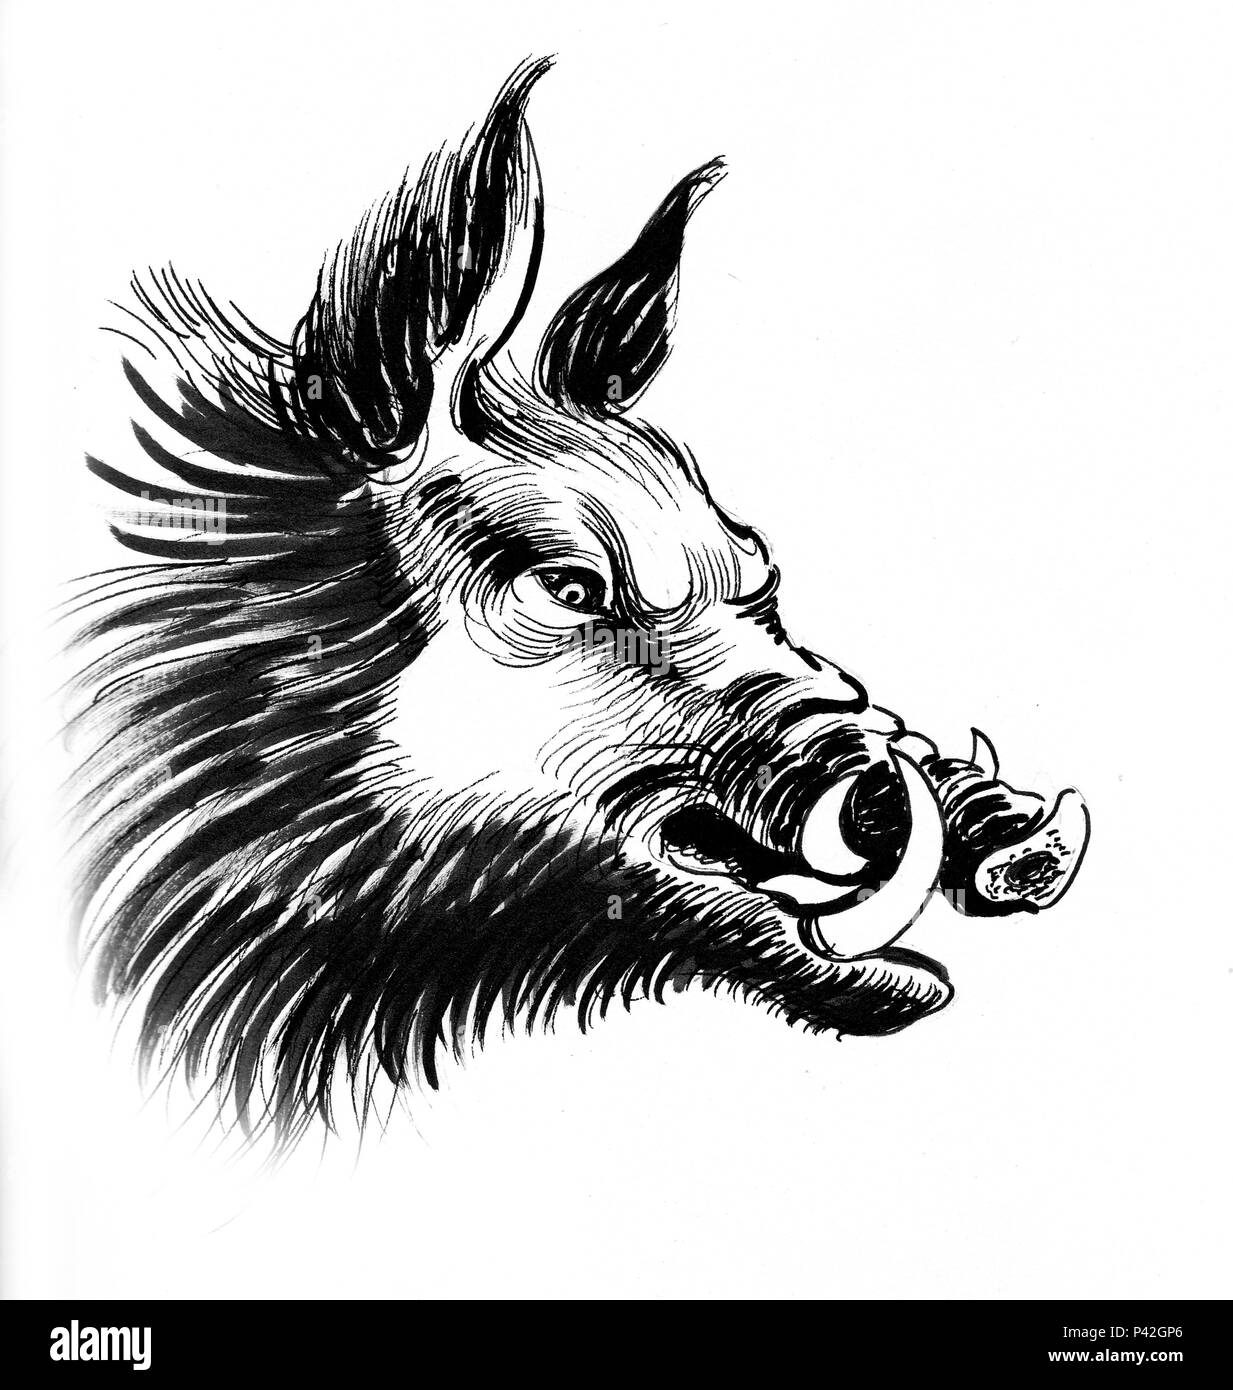 Boar Head Imagenes De Stock Boar Head Fotos De Stock Alamy